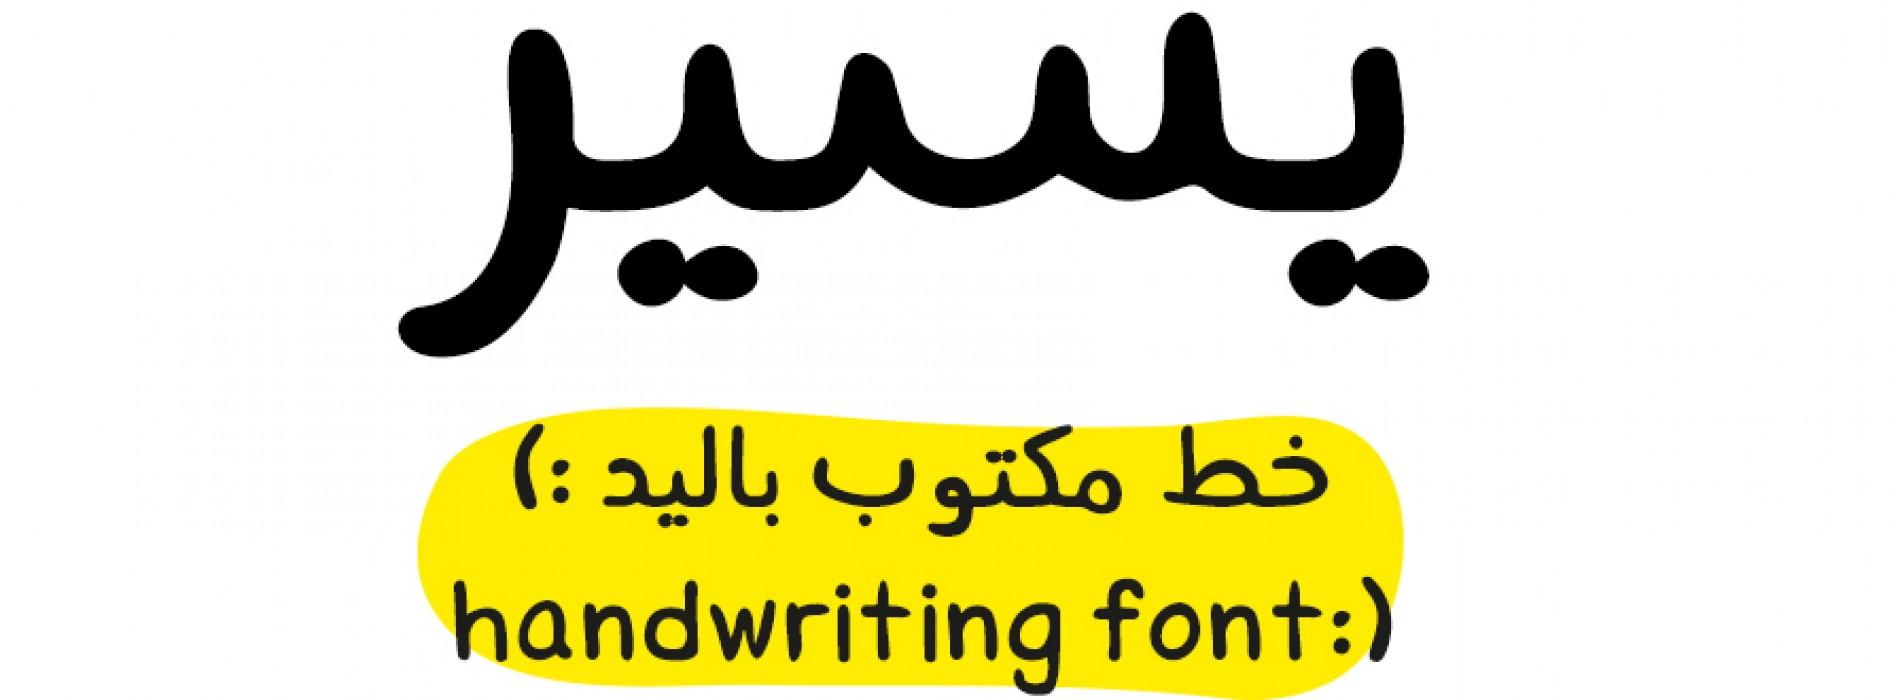 يسير – خط عربي مرسوم باليد